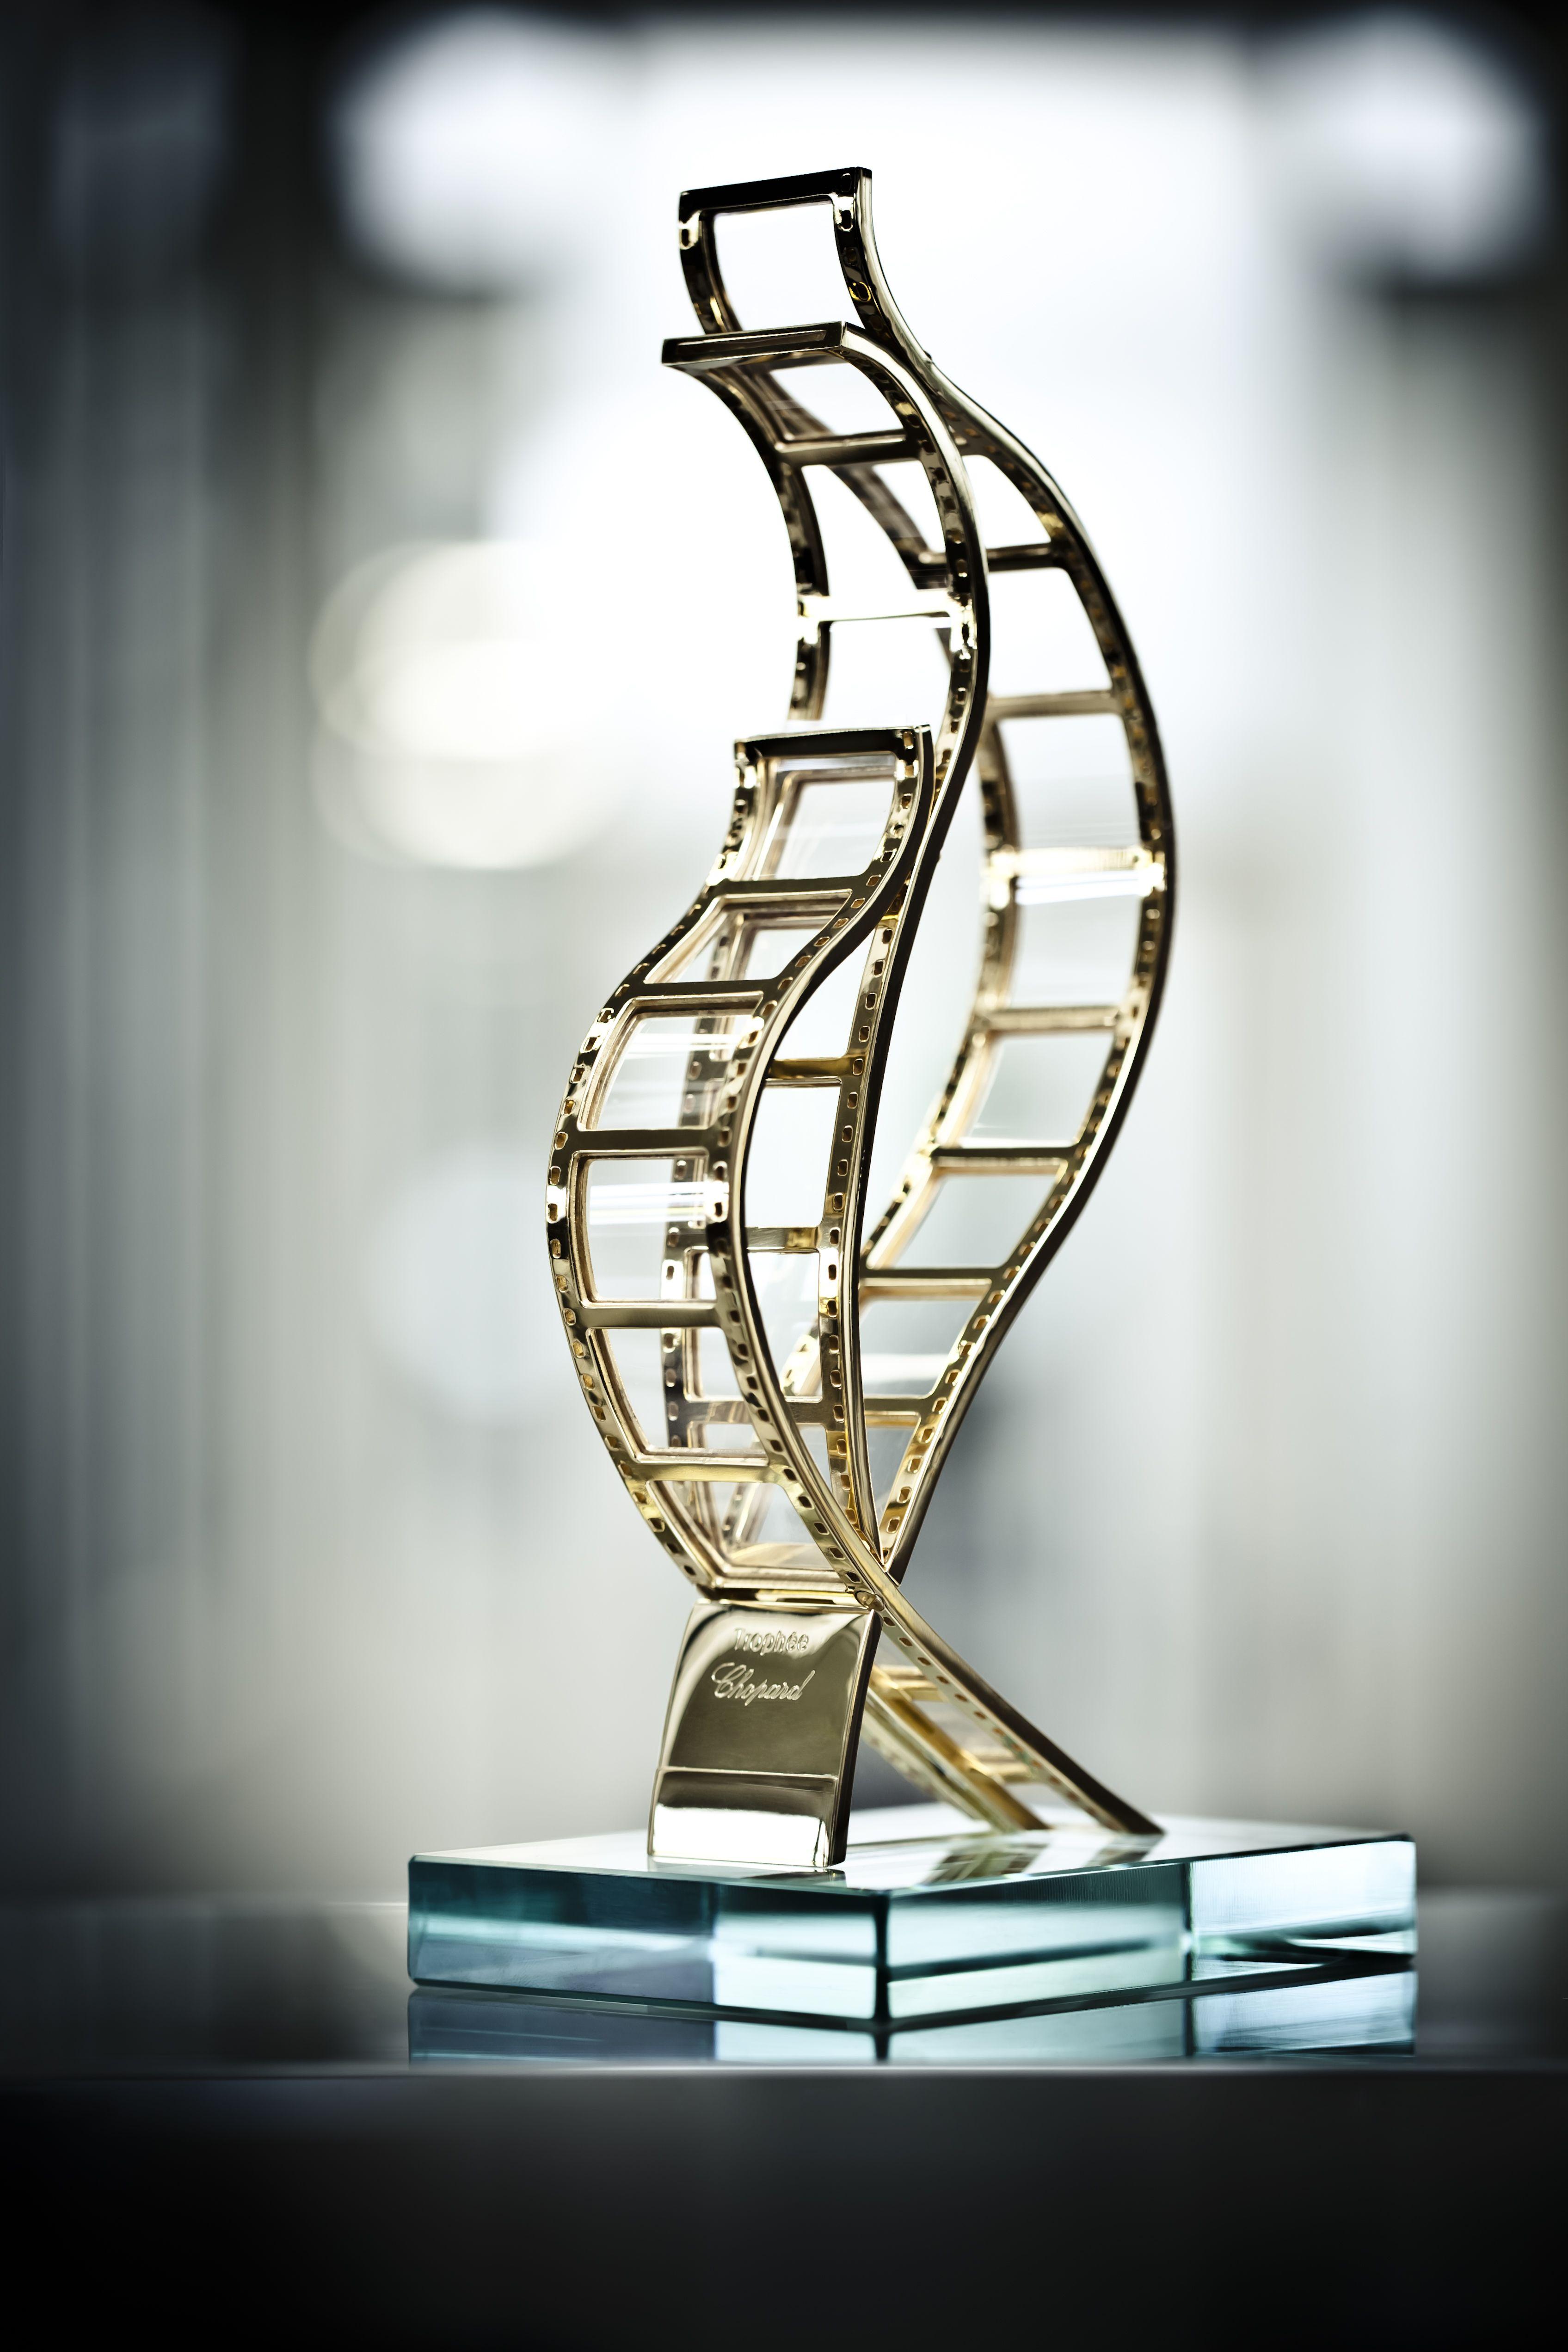 The Trophée Chopard p